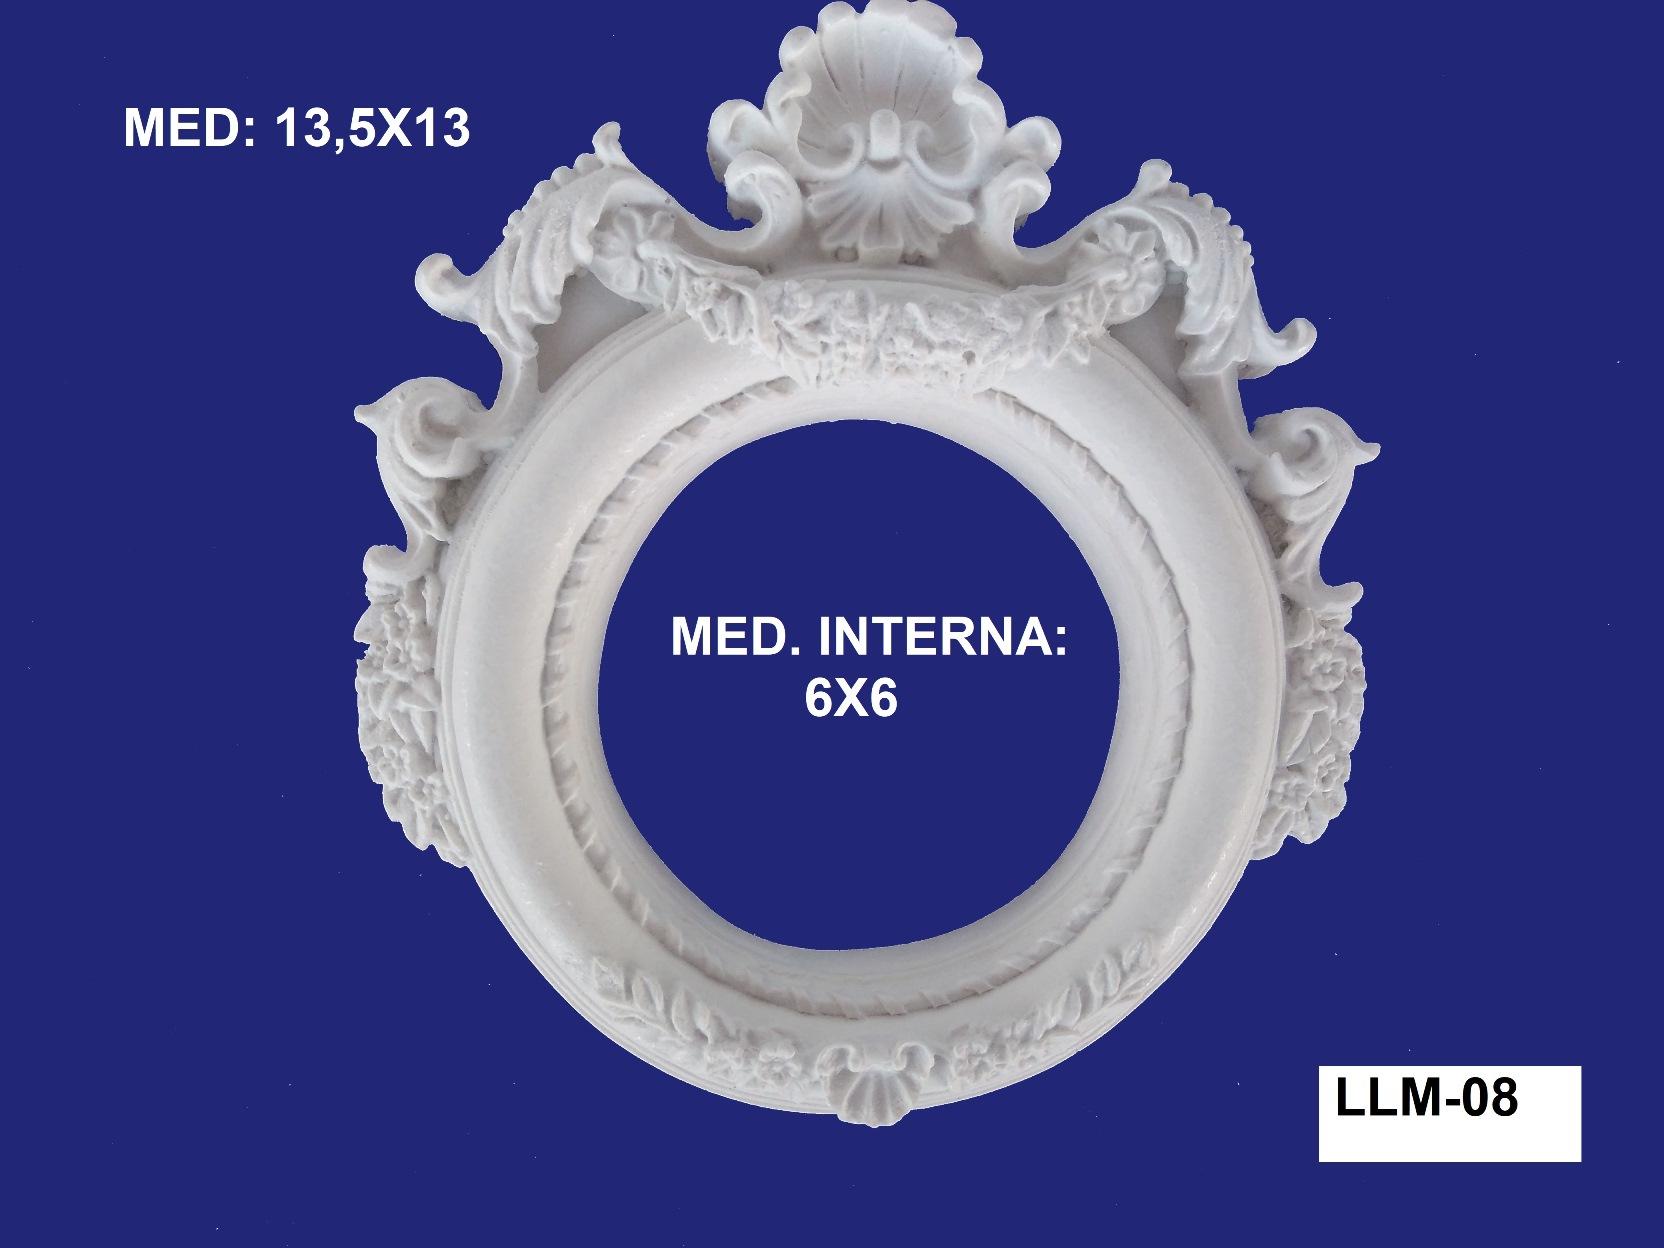 LLM-08 MOLDURA DE RESINA 13,5X13CM INT:6X6CM